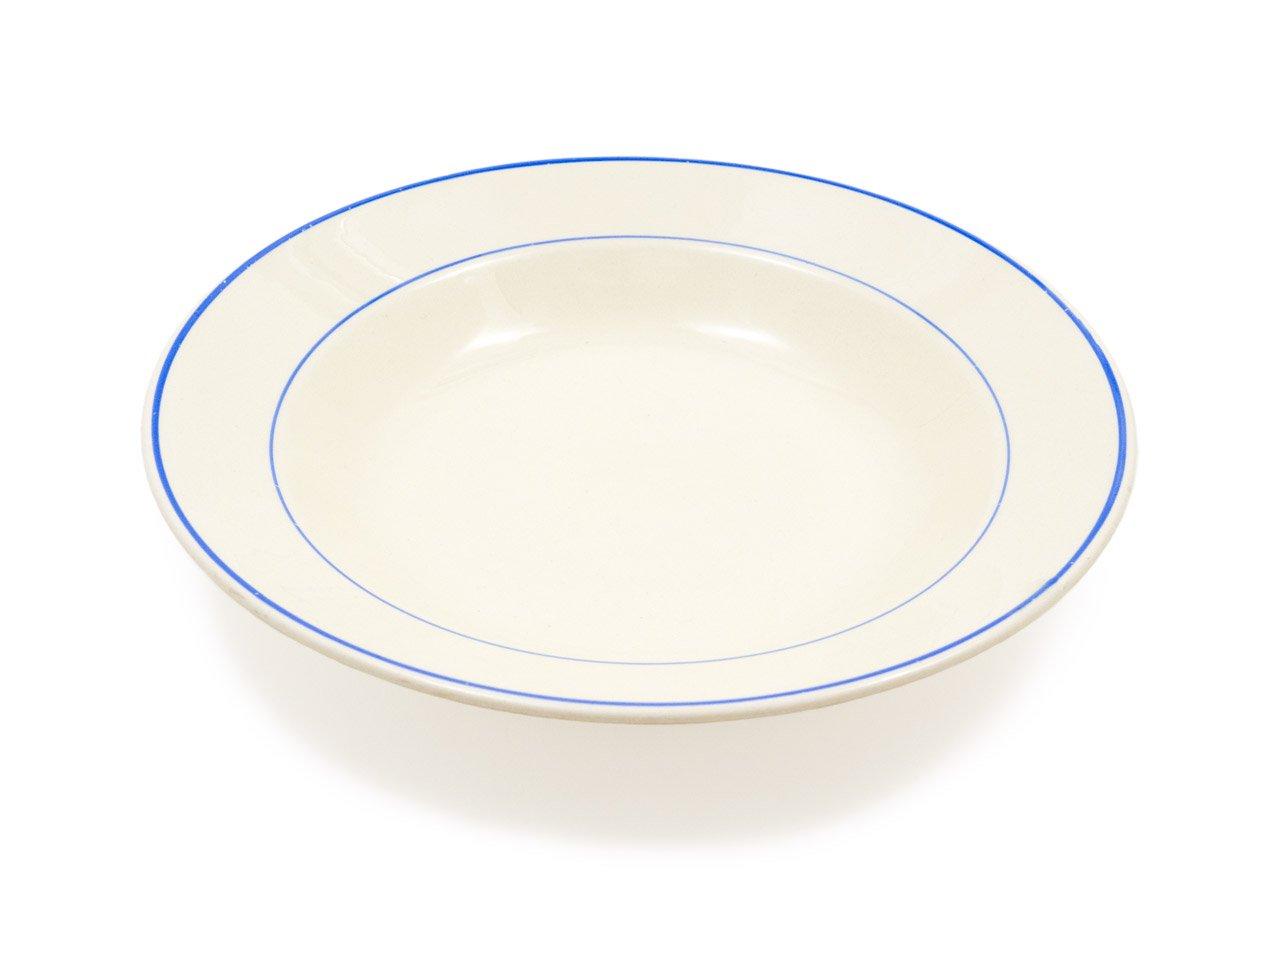 ARABIA ブルーライン スープ皿 01